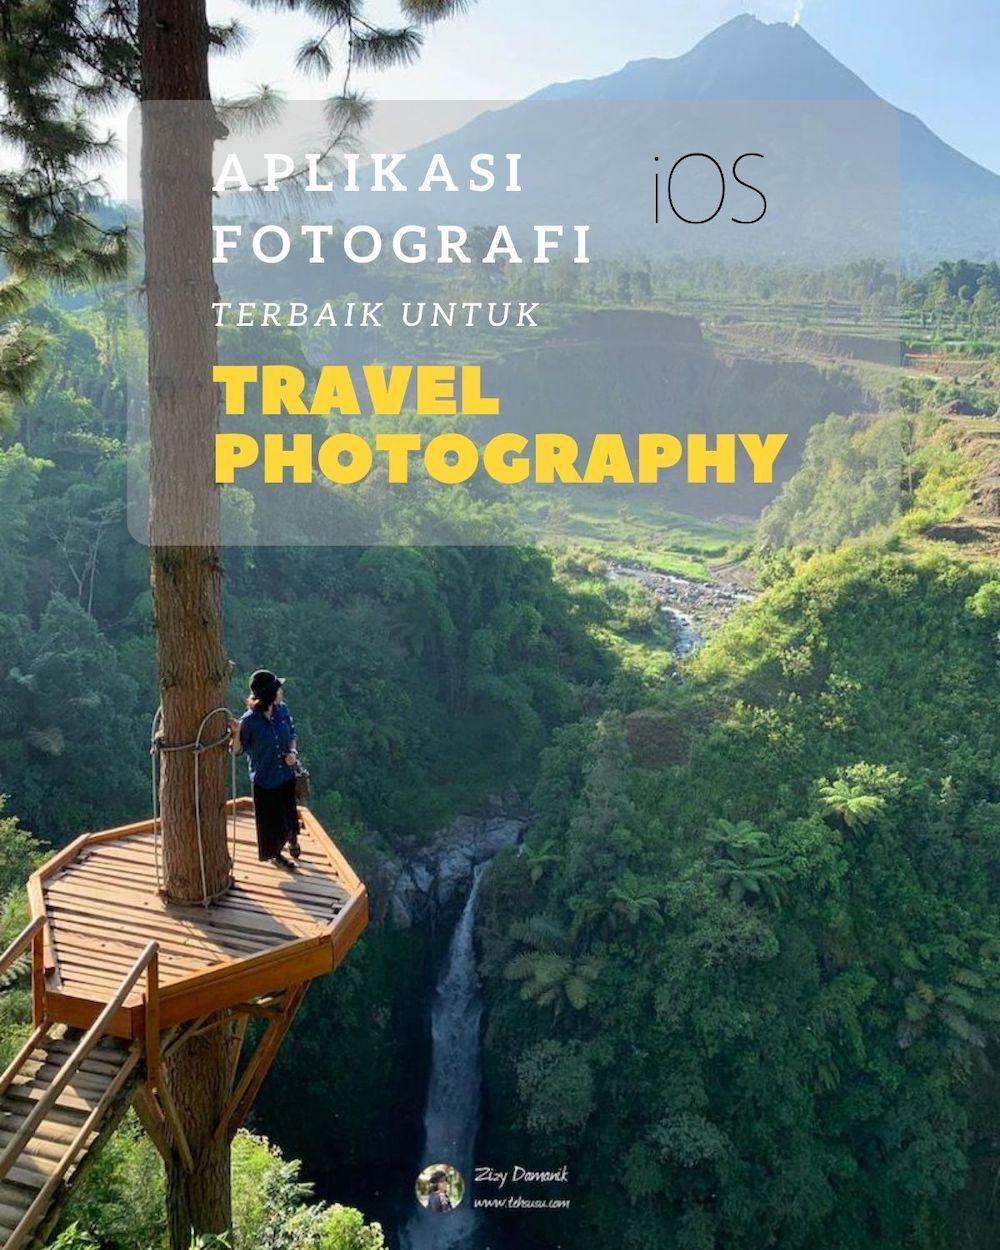 Aplikasi fotografi terbaik untuk IOS